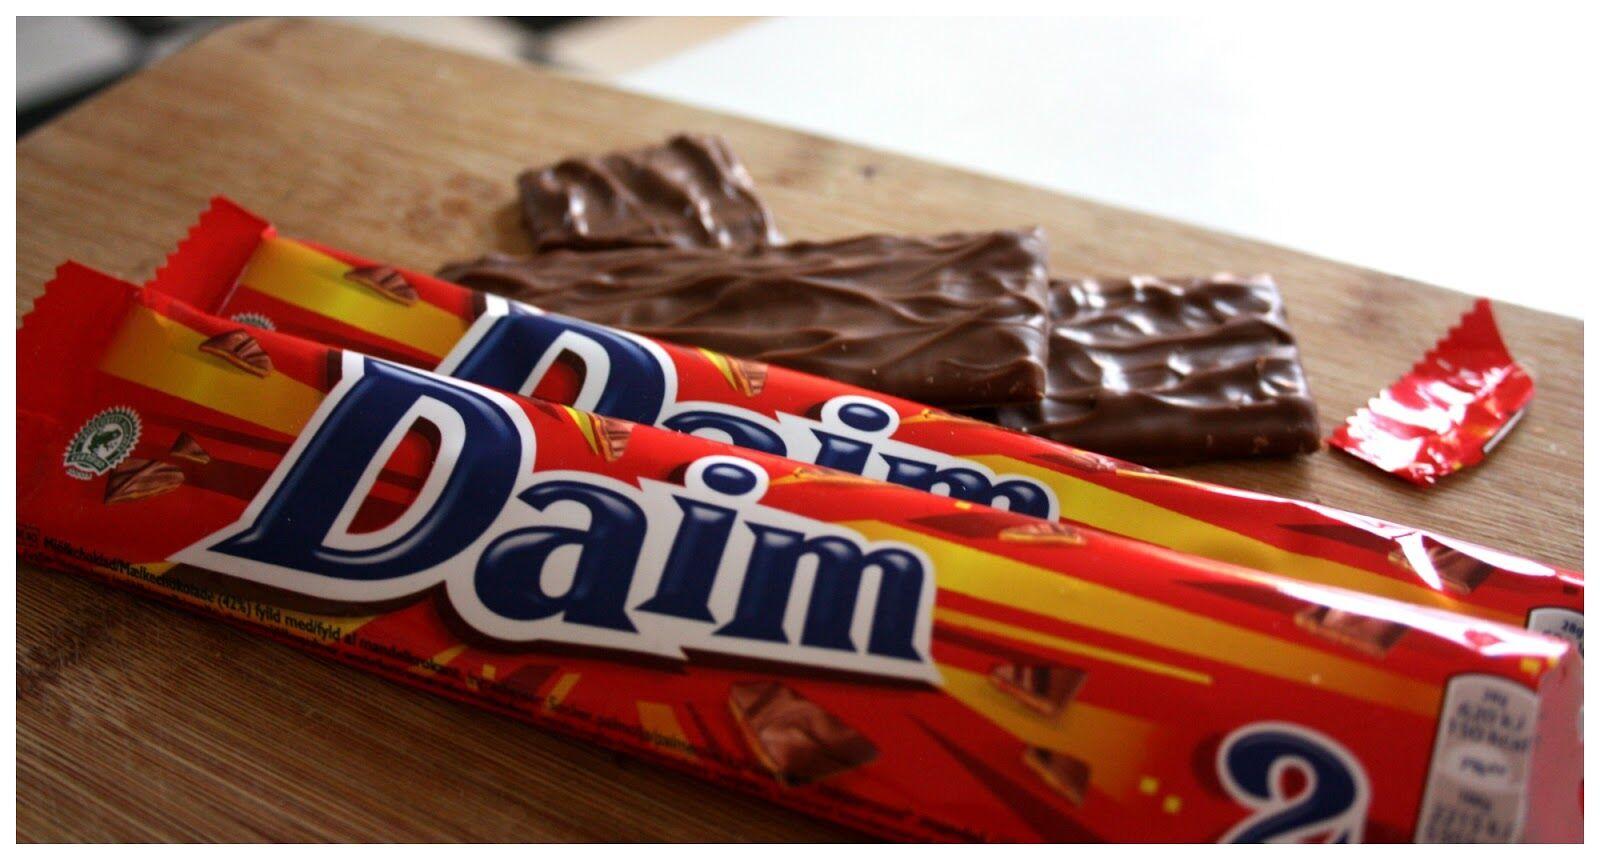 Recept daim 1